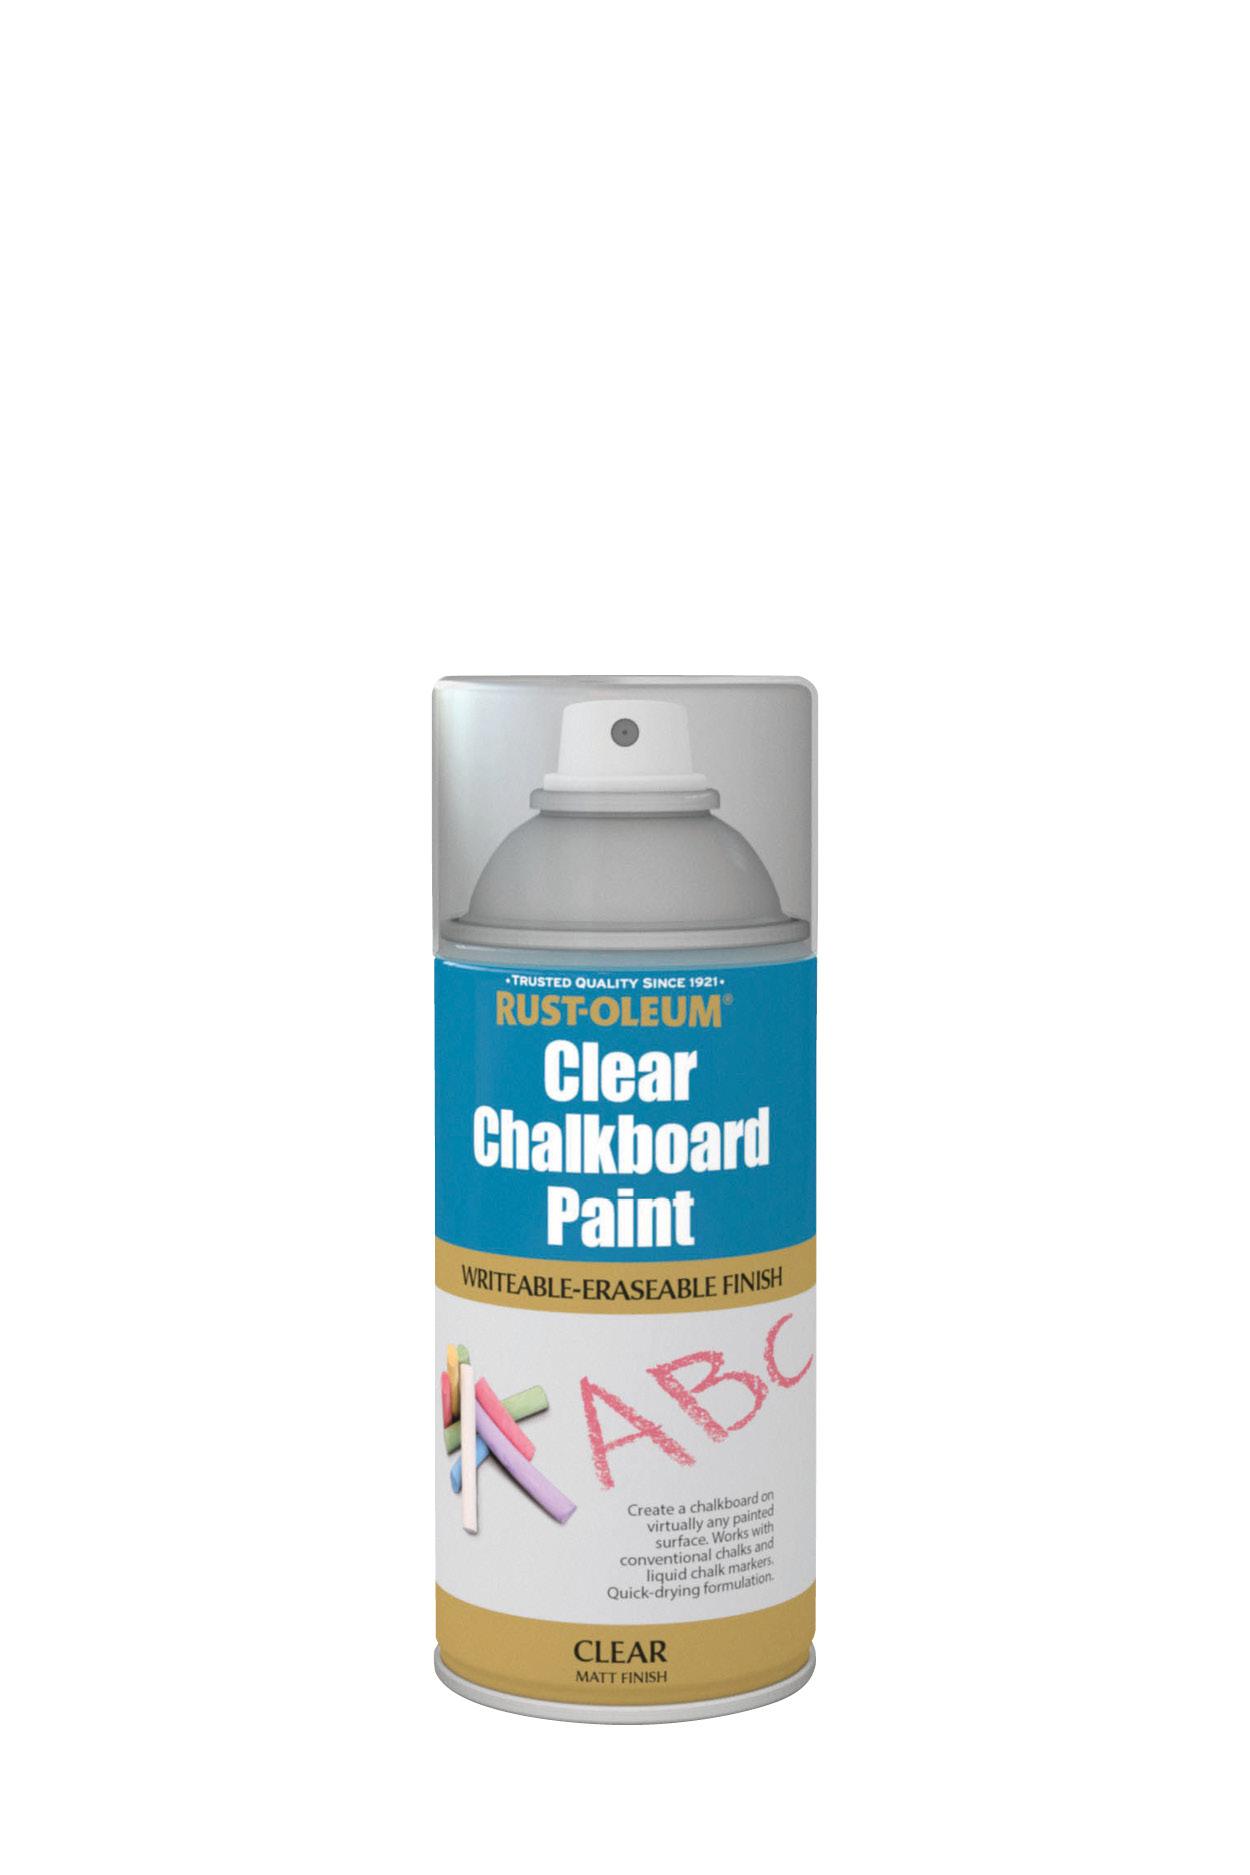 Clear Chalkboard Paint Rustoleum Spray Paint Www Rustoleumspraypaint Com